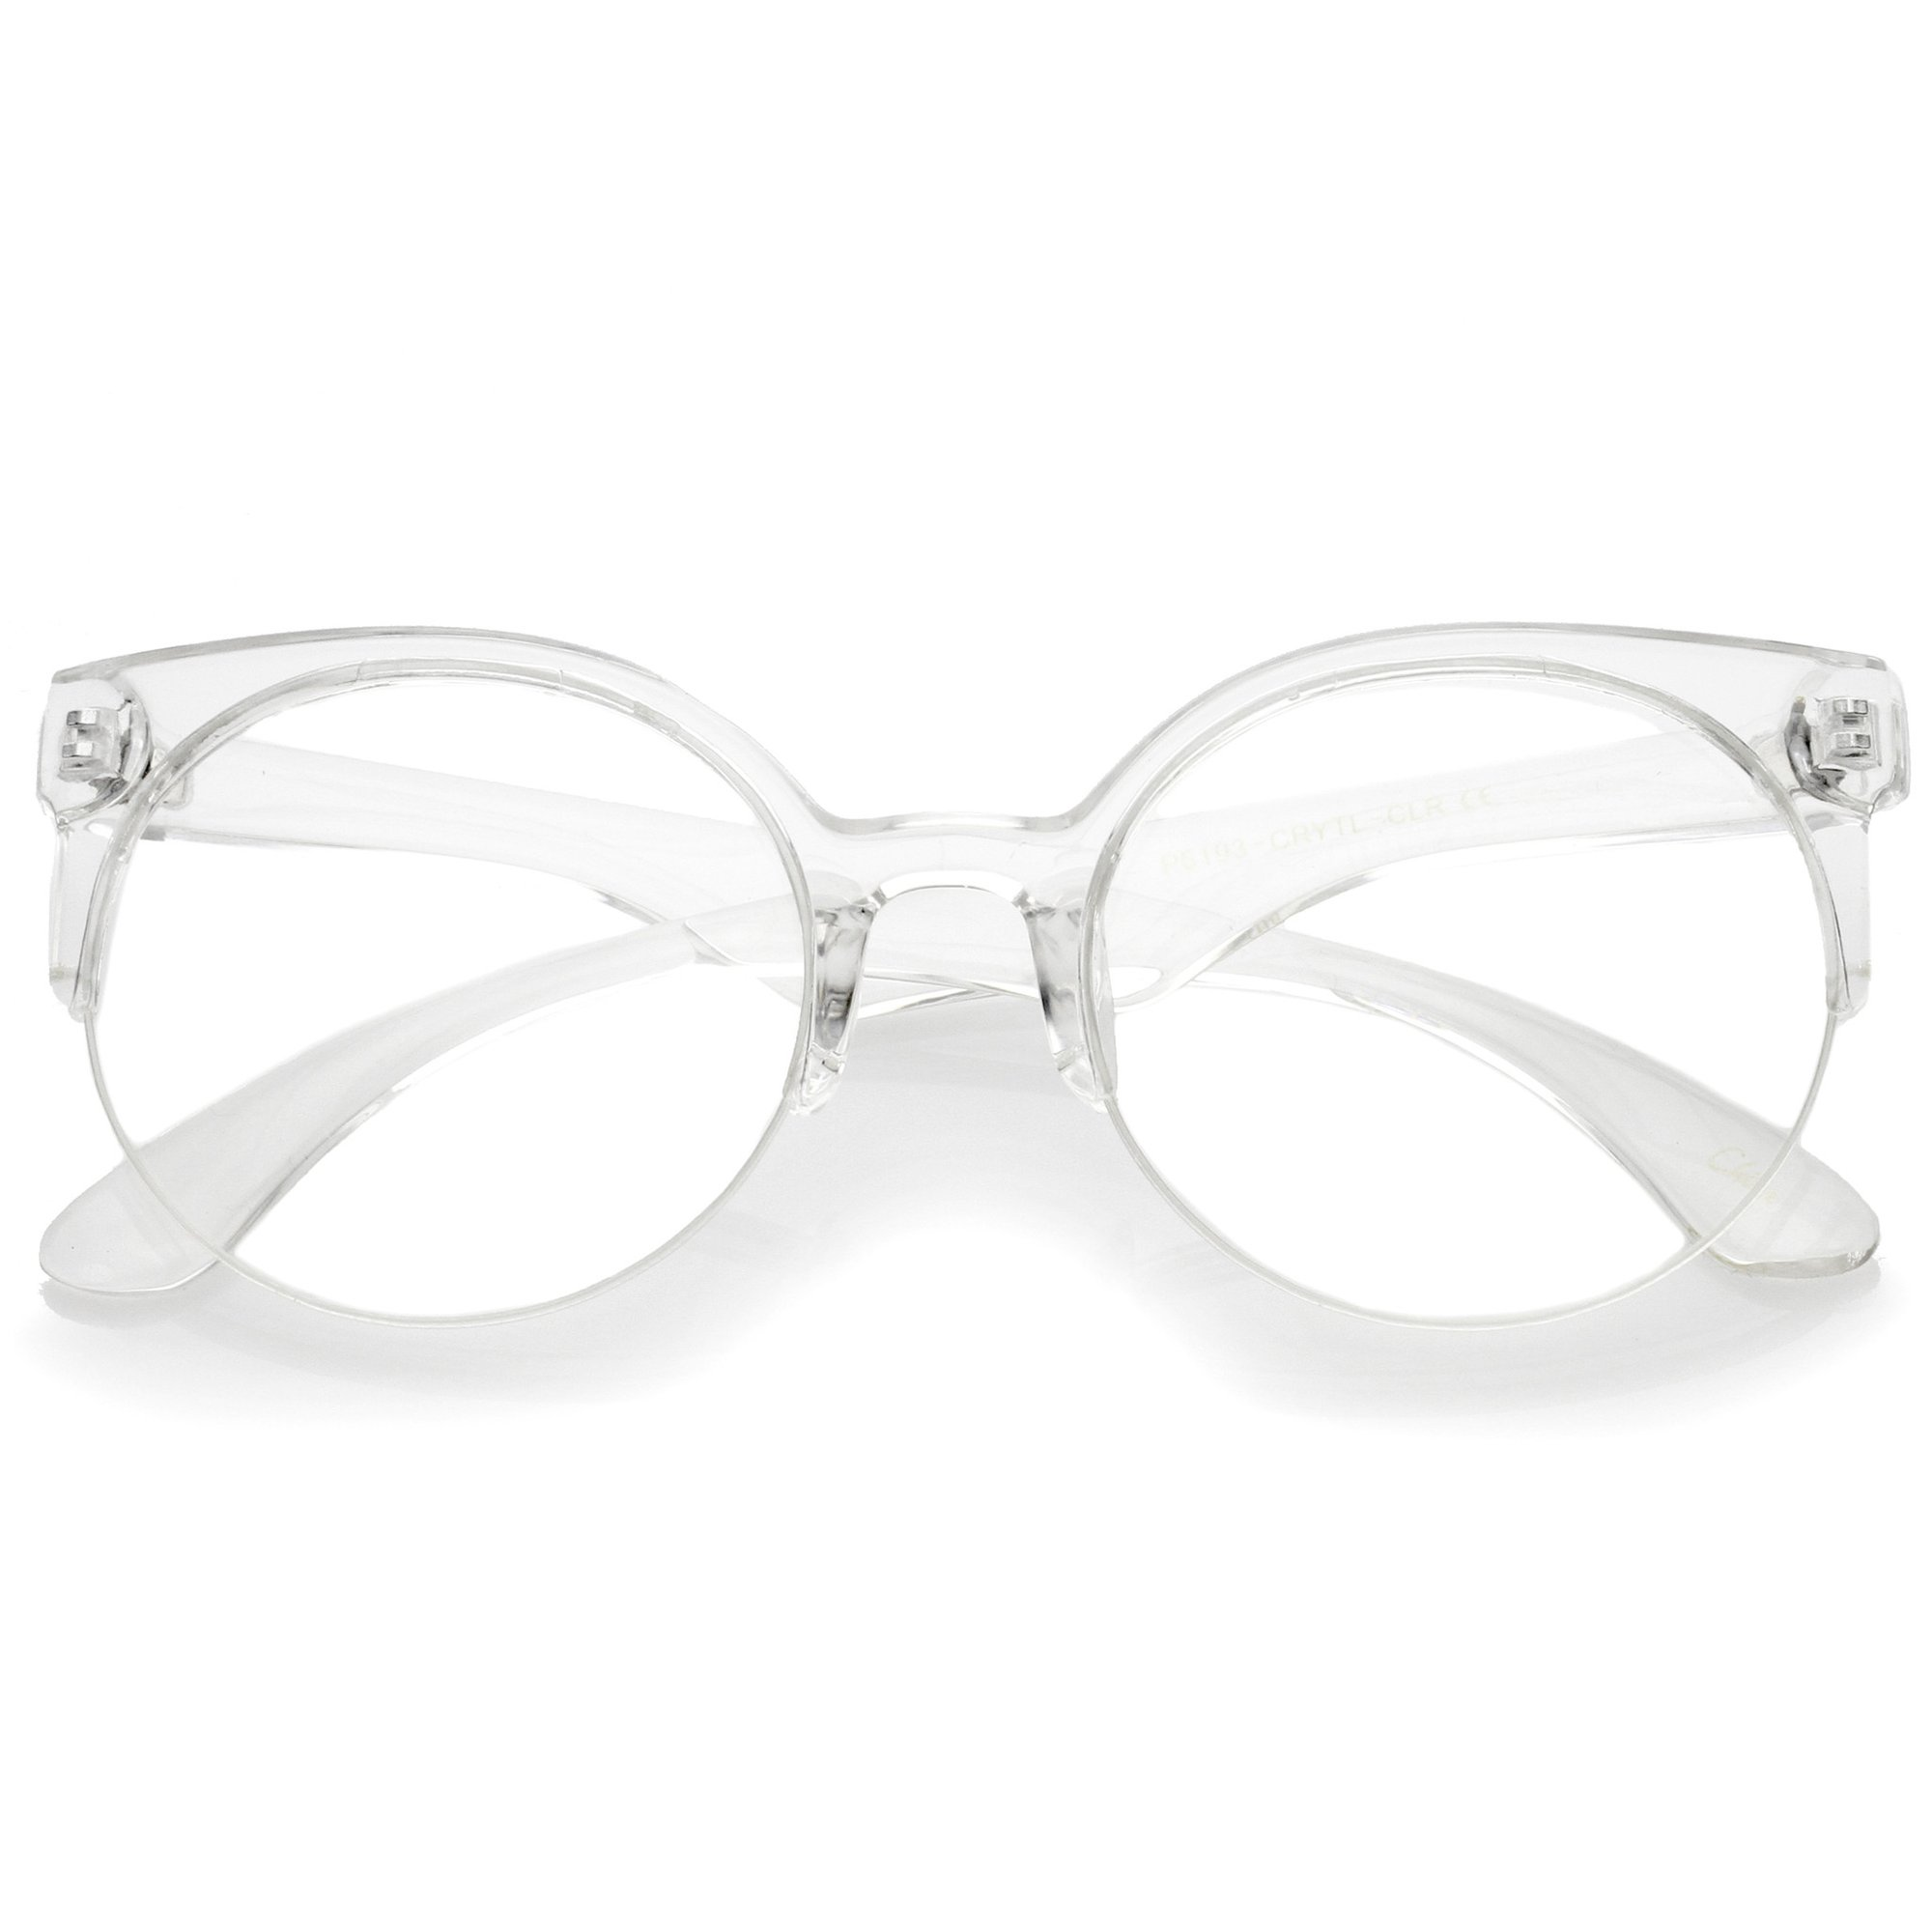 2000x2000 Modern Translucent Half Frame Clear Lens Glasses